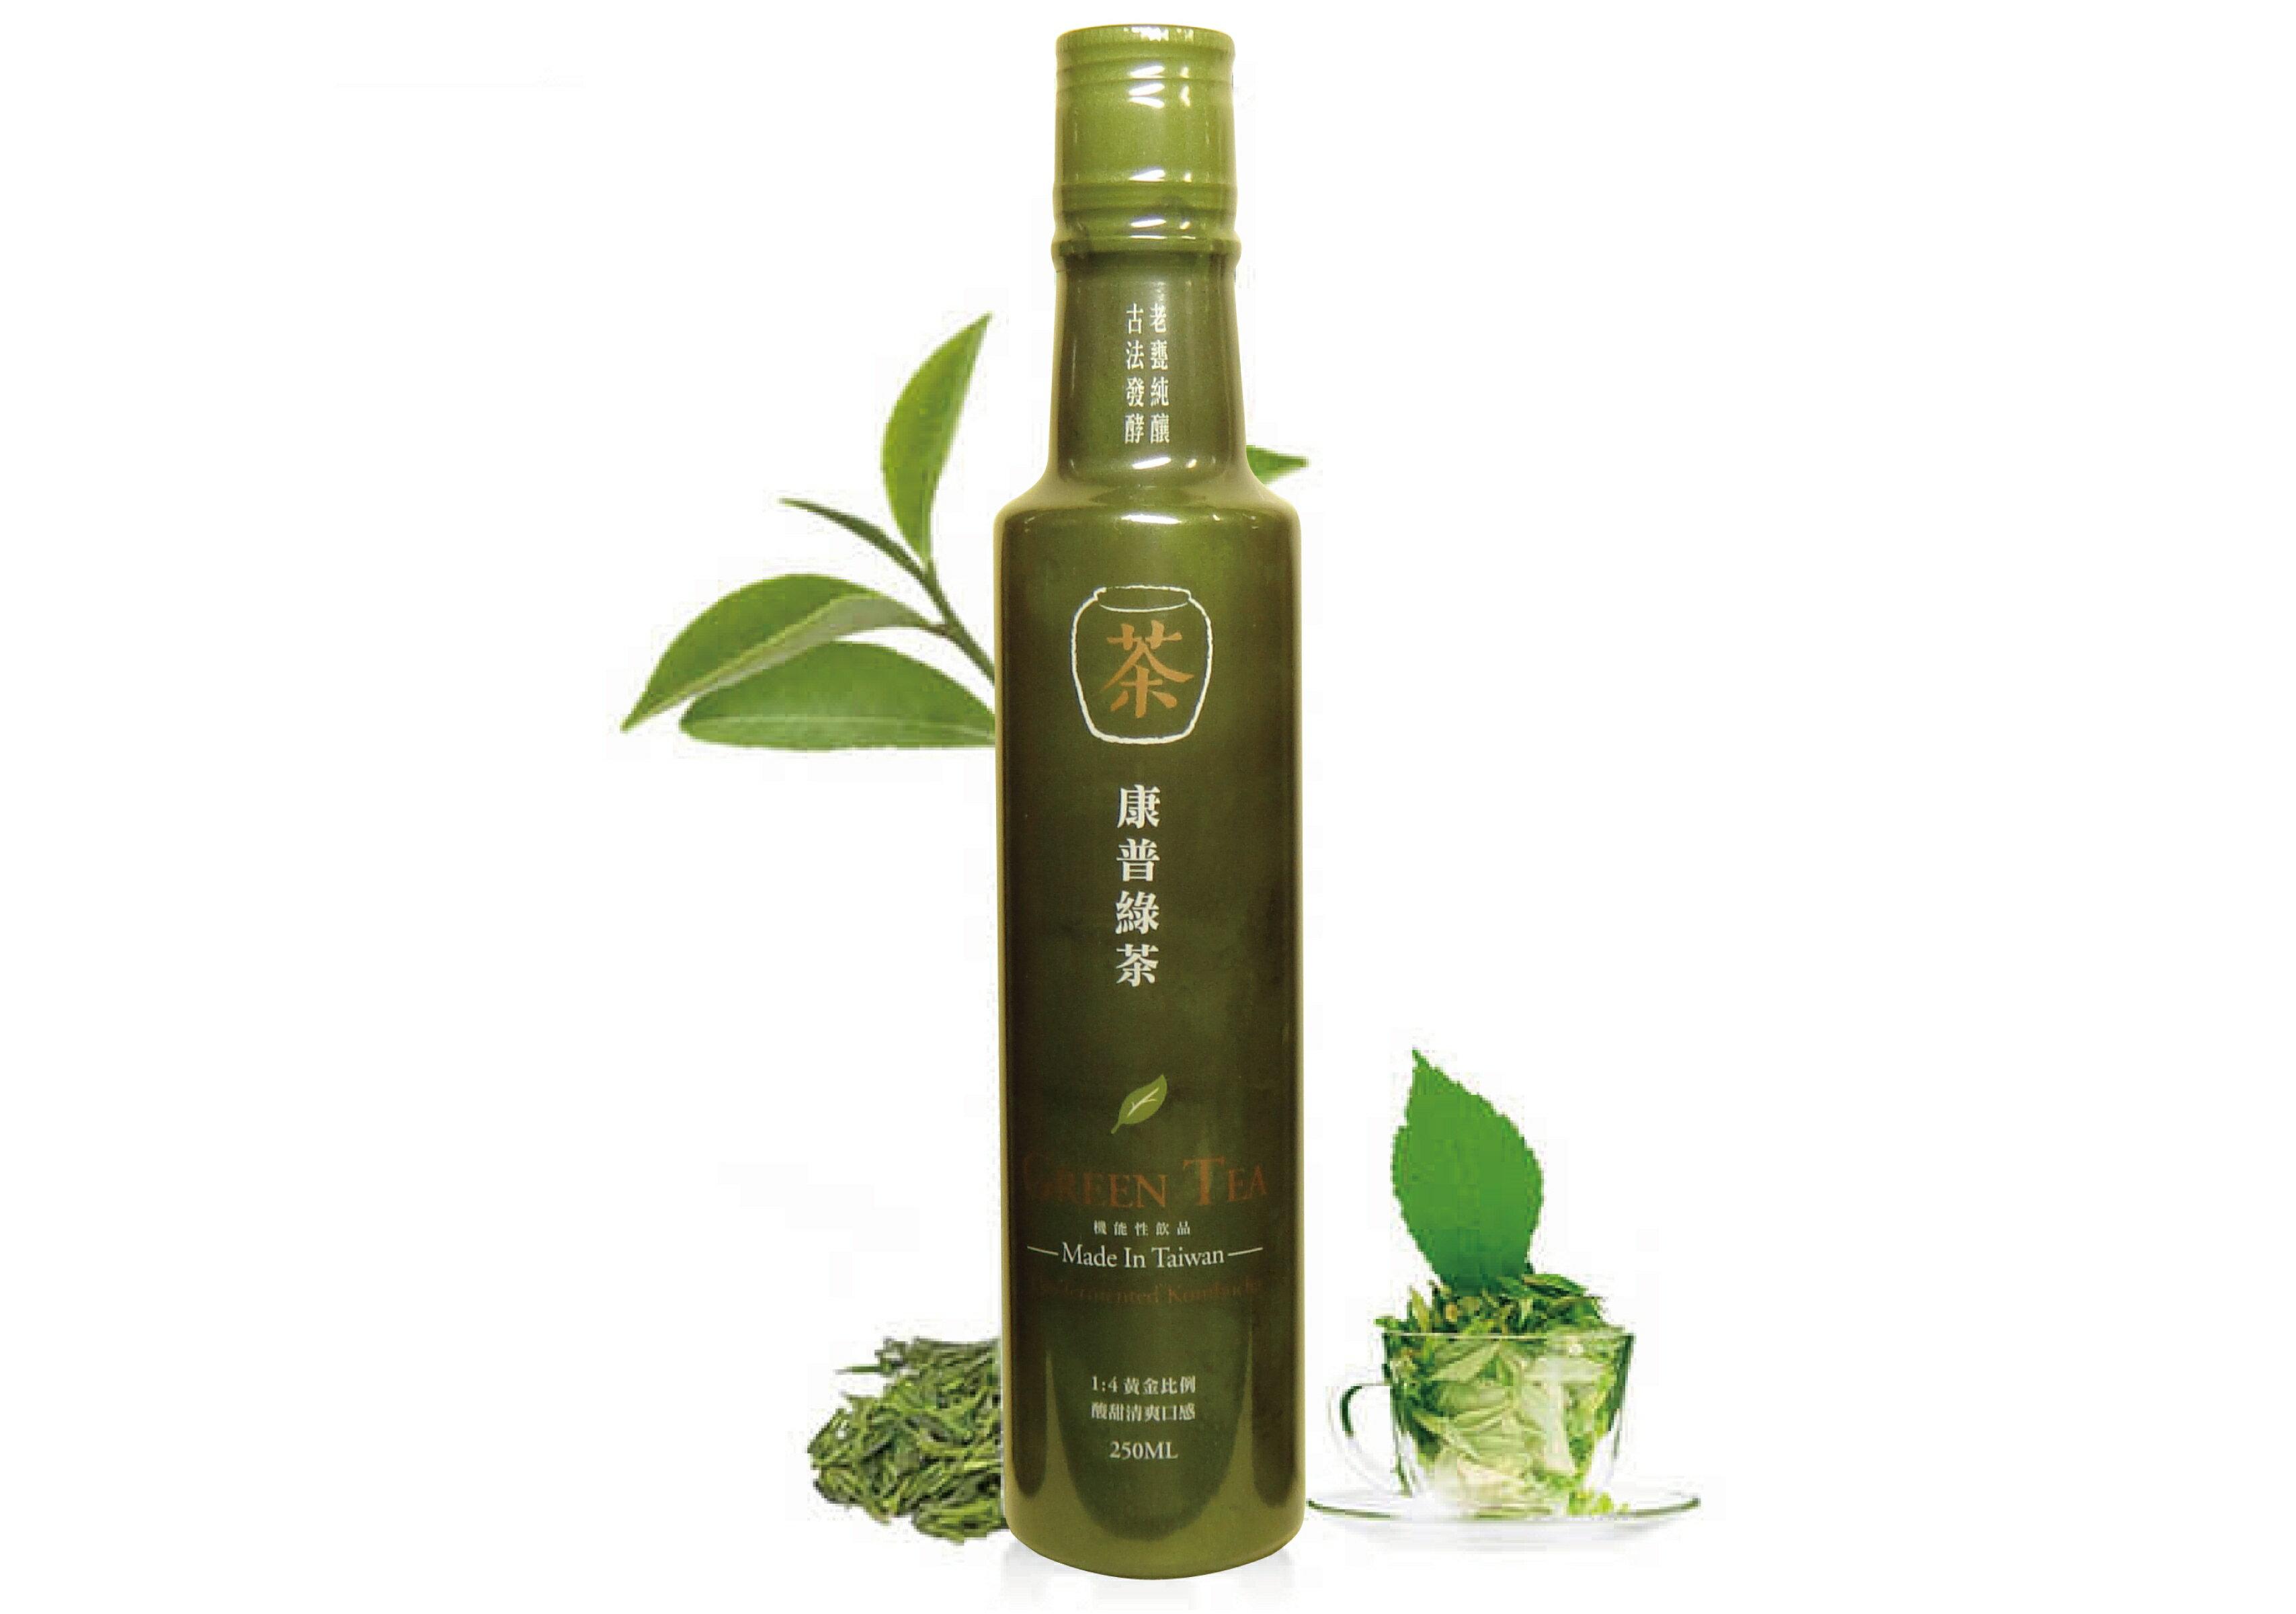 【釀美舖】康普綠茶醋( 純茶甕釀) 250ml / 瓶 1